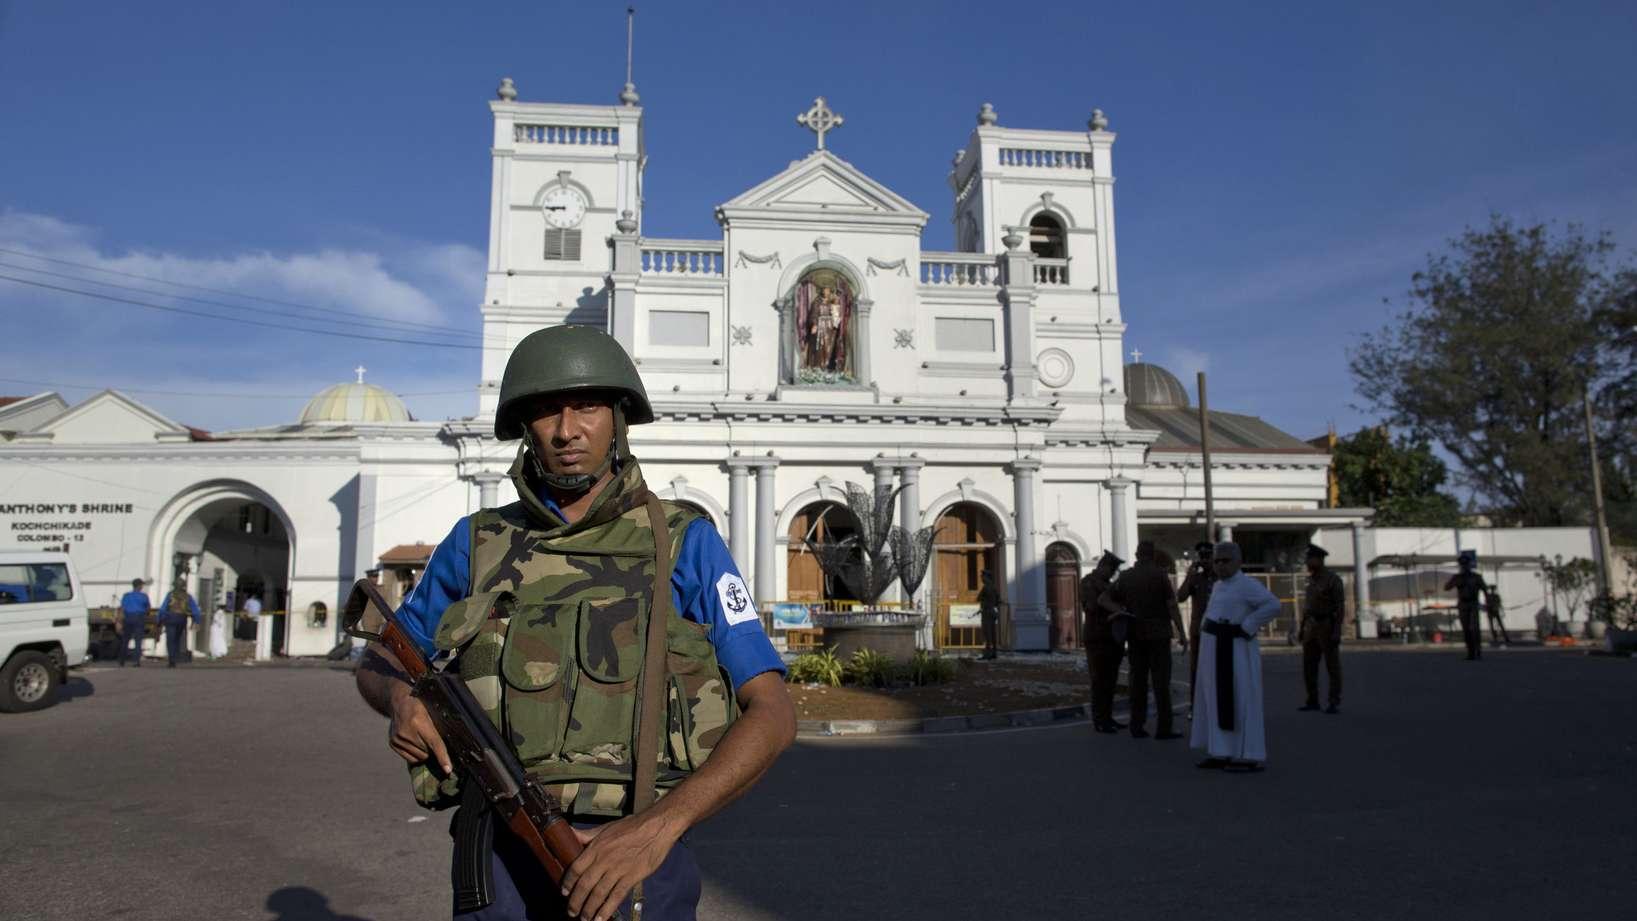 Die Regierung von Sri Lanka hat nach den verheerenden Anschlägen vom Ostersonntag den Notstand ausgerufen.